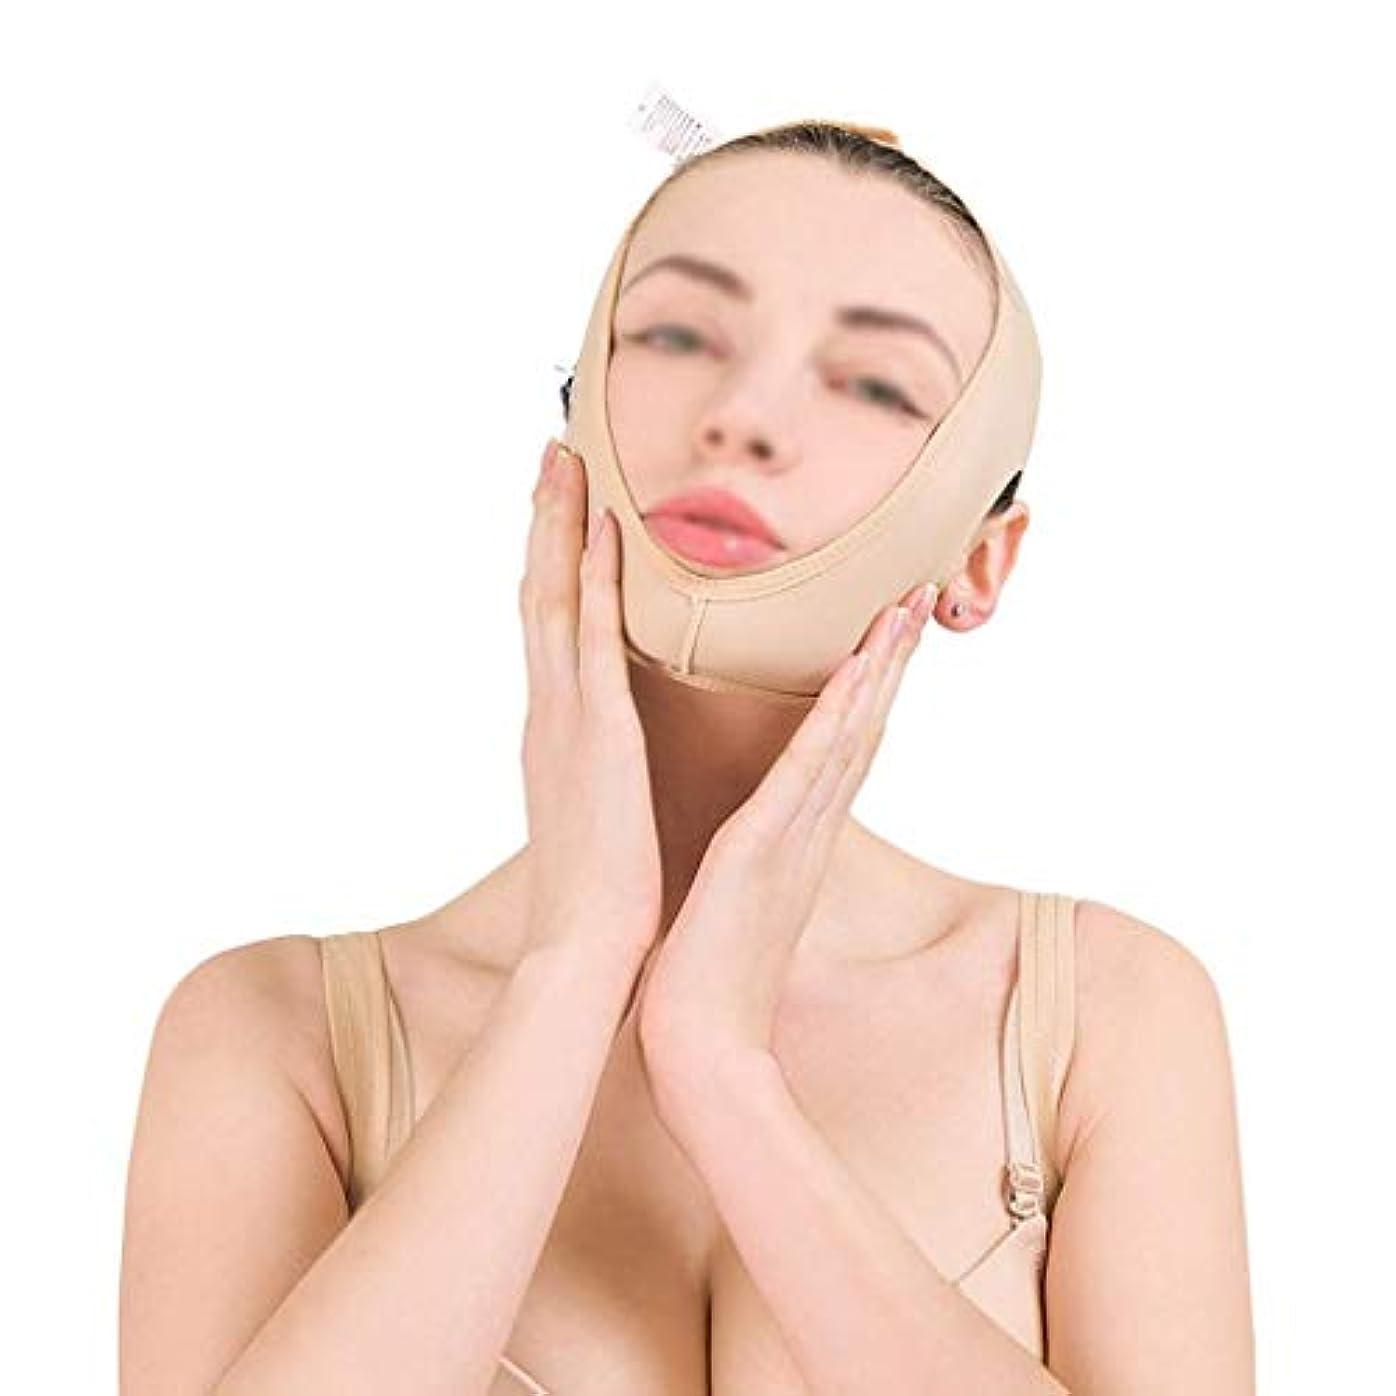 荒らす農奴自由マスク減量、肌の包帯を引き締めるリフティングフェイスバンド、フェイスリフティング、ダブルチンビューティバンデージ、フェイスリフト(サイズ:L),XL